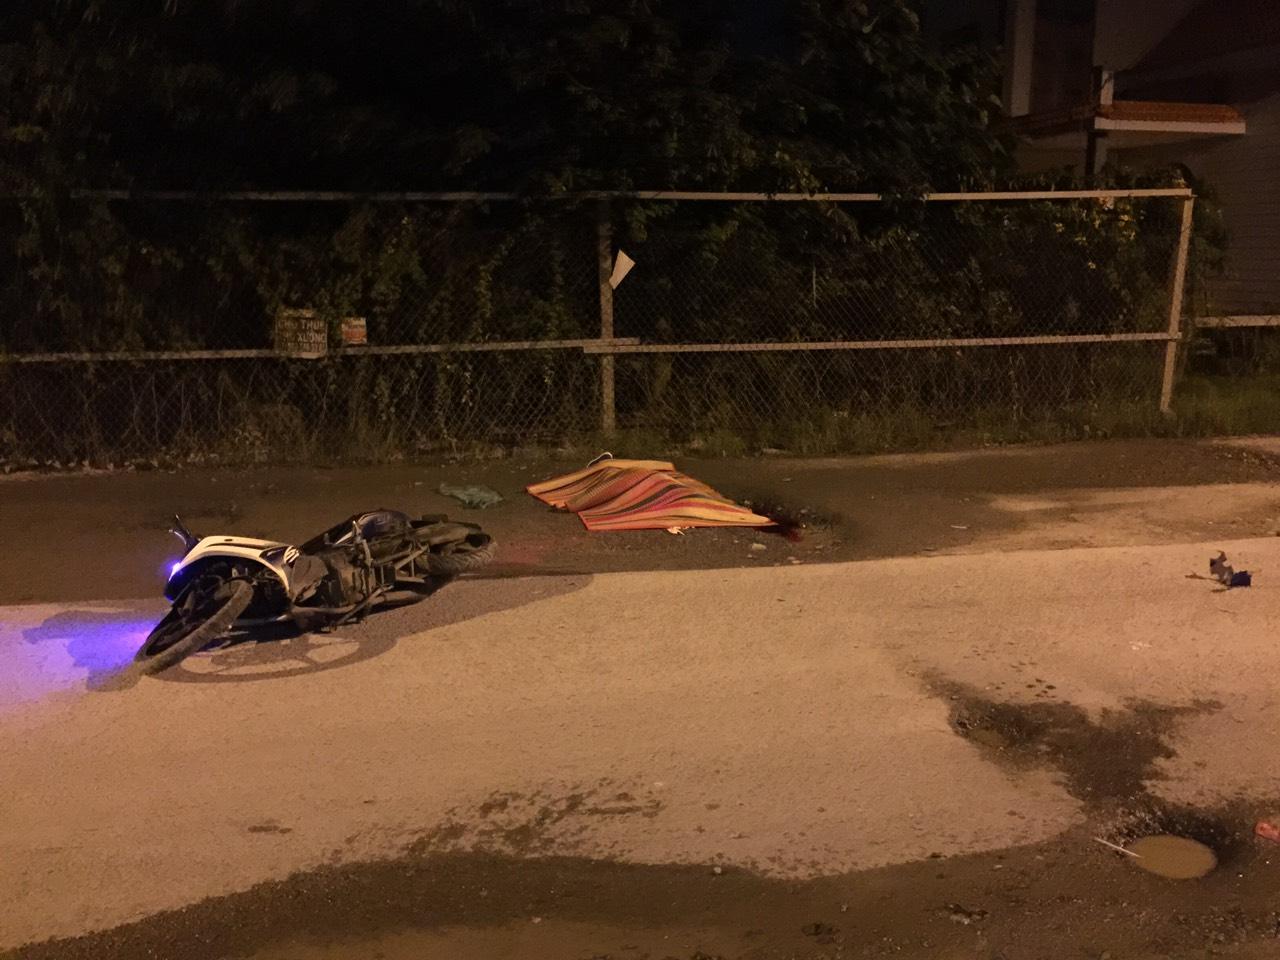 """Thanh niên tử vong trên đoạn đường đầy """"ổ gà"""" ở Sài Gòn - 1"""